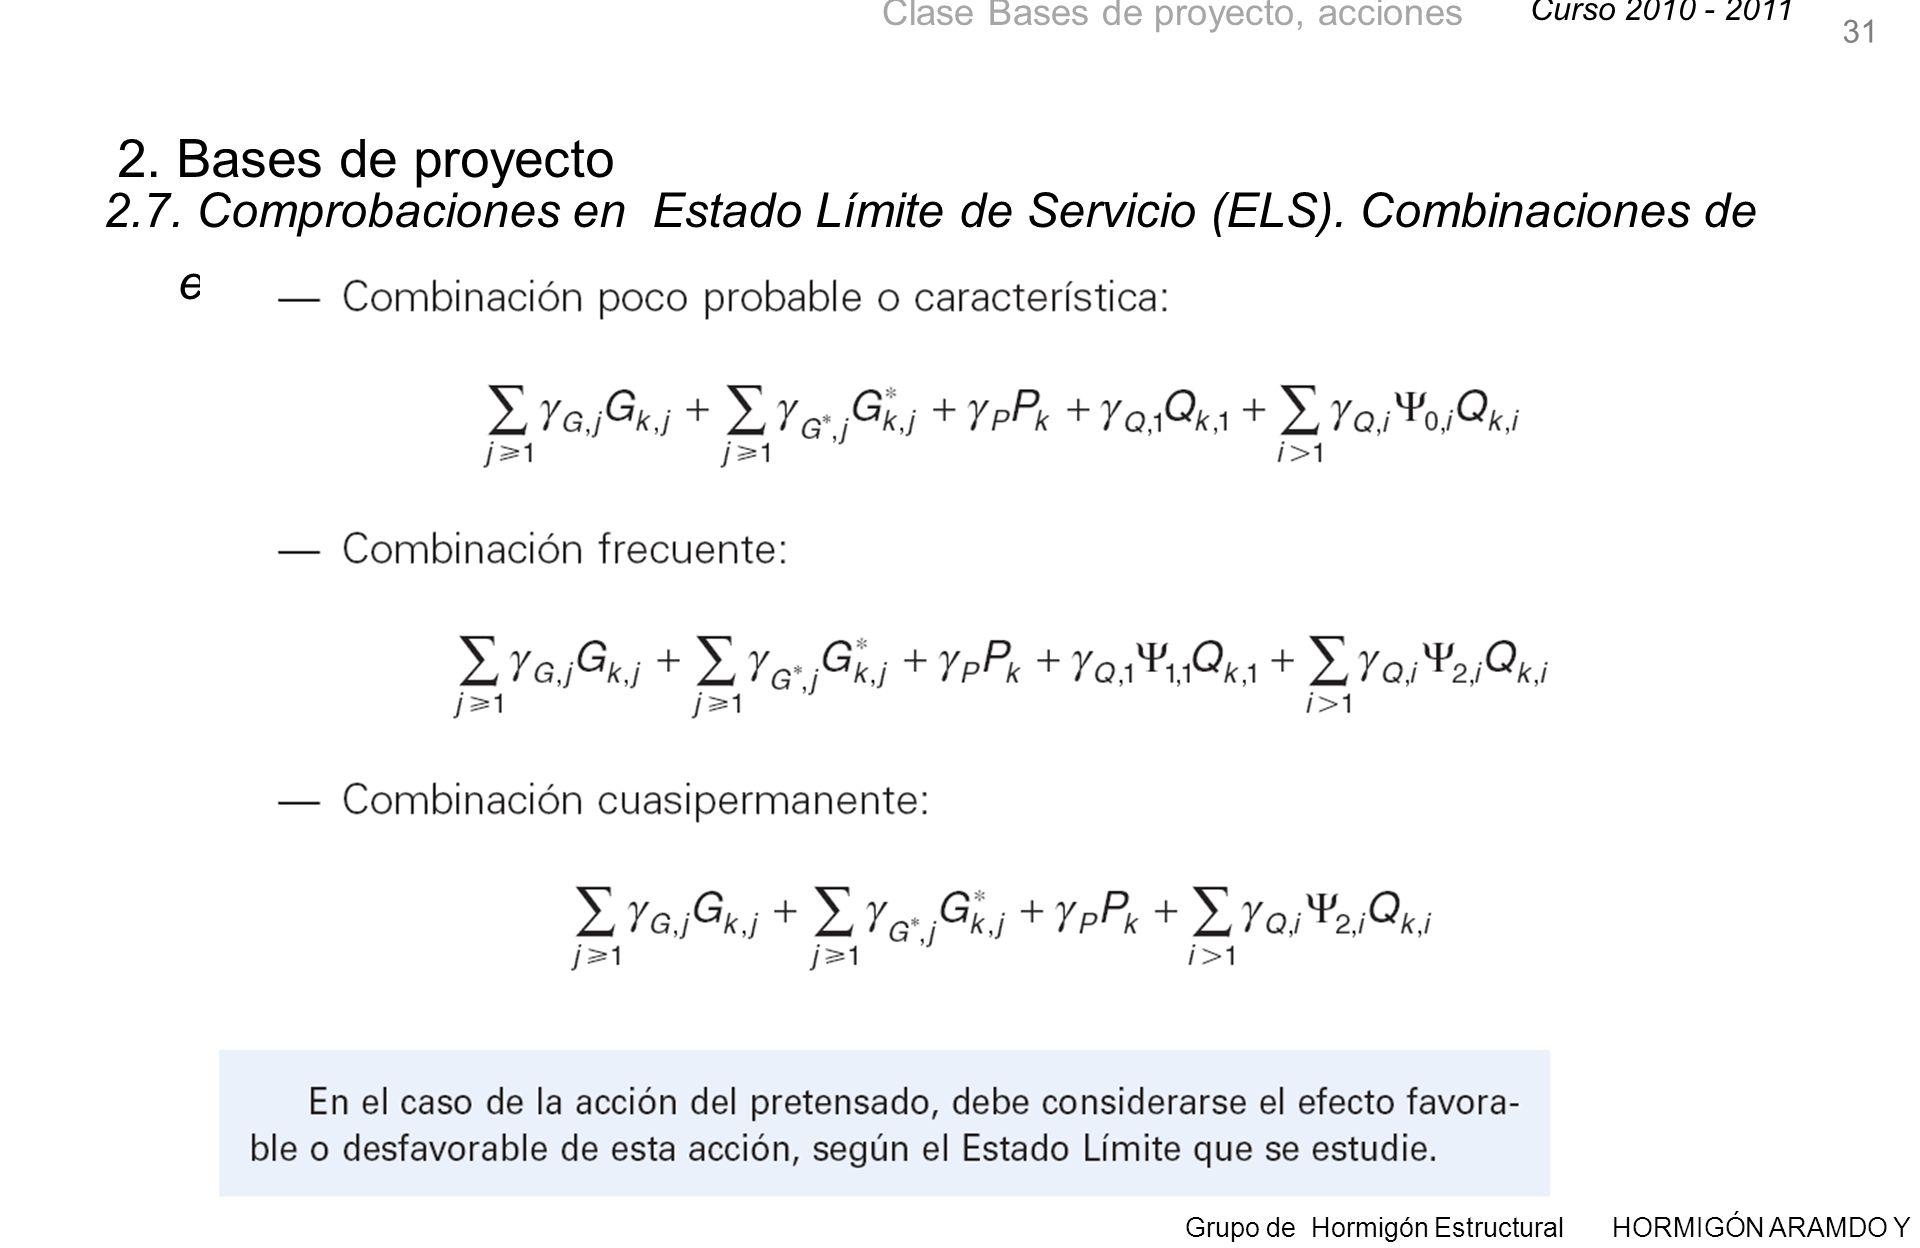 31 2. Bases de proyecto. 2.7. Comprobaciones en Estado Límite de Servicio (ELS).